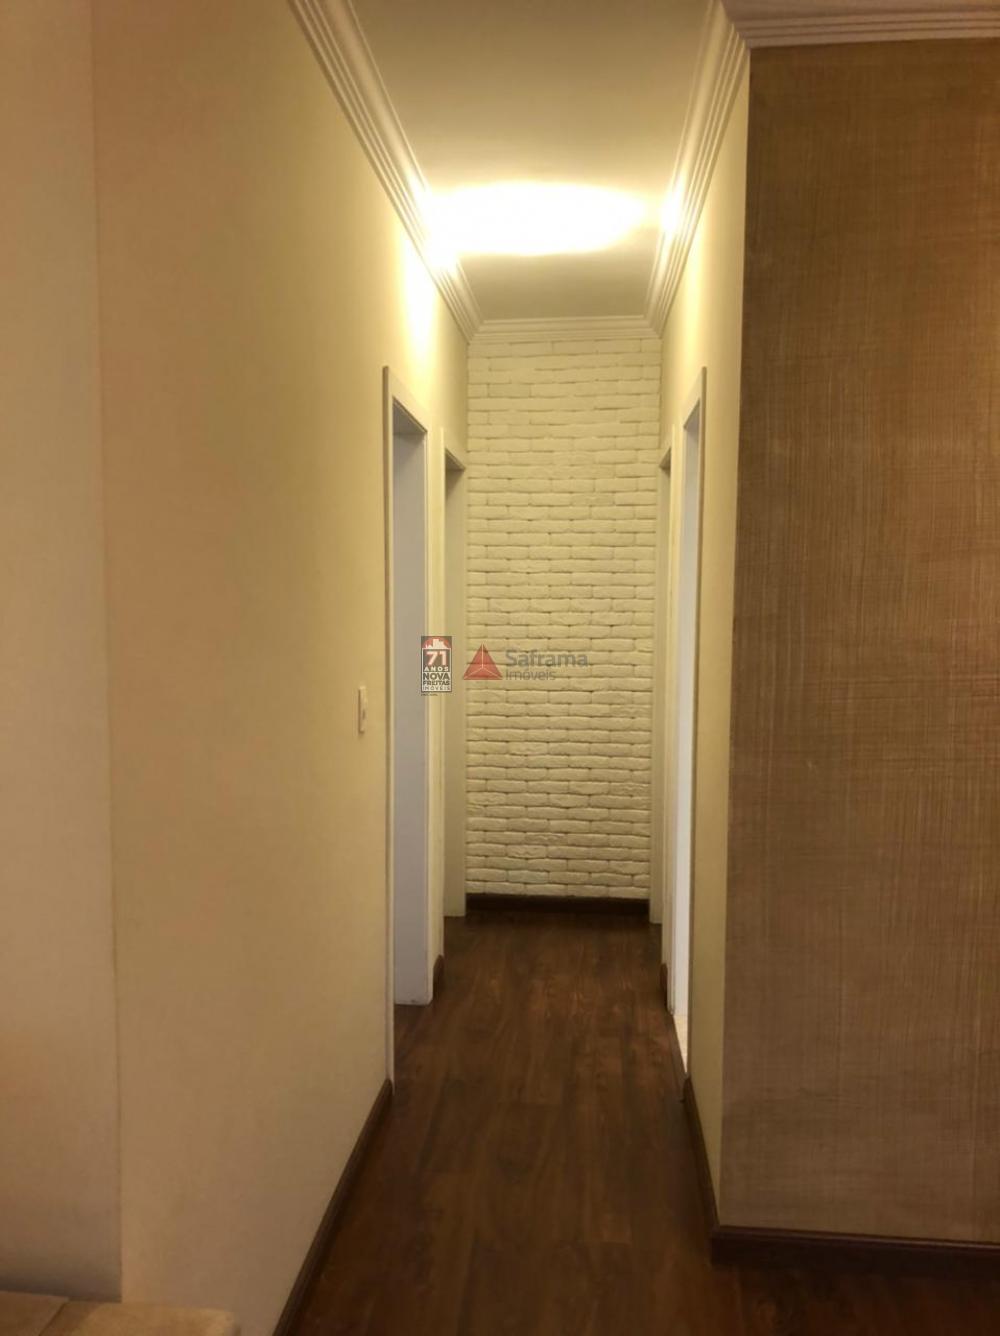 Comprar Apartamento / Padrão em Pindamonhangaba R$ 400.000,00 - Foto 10